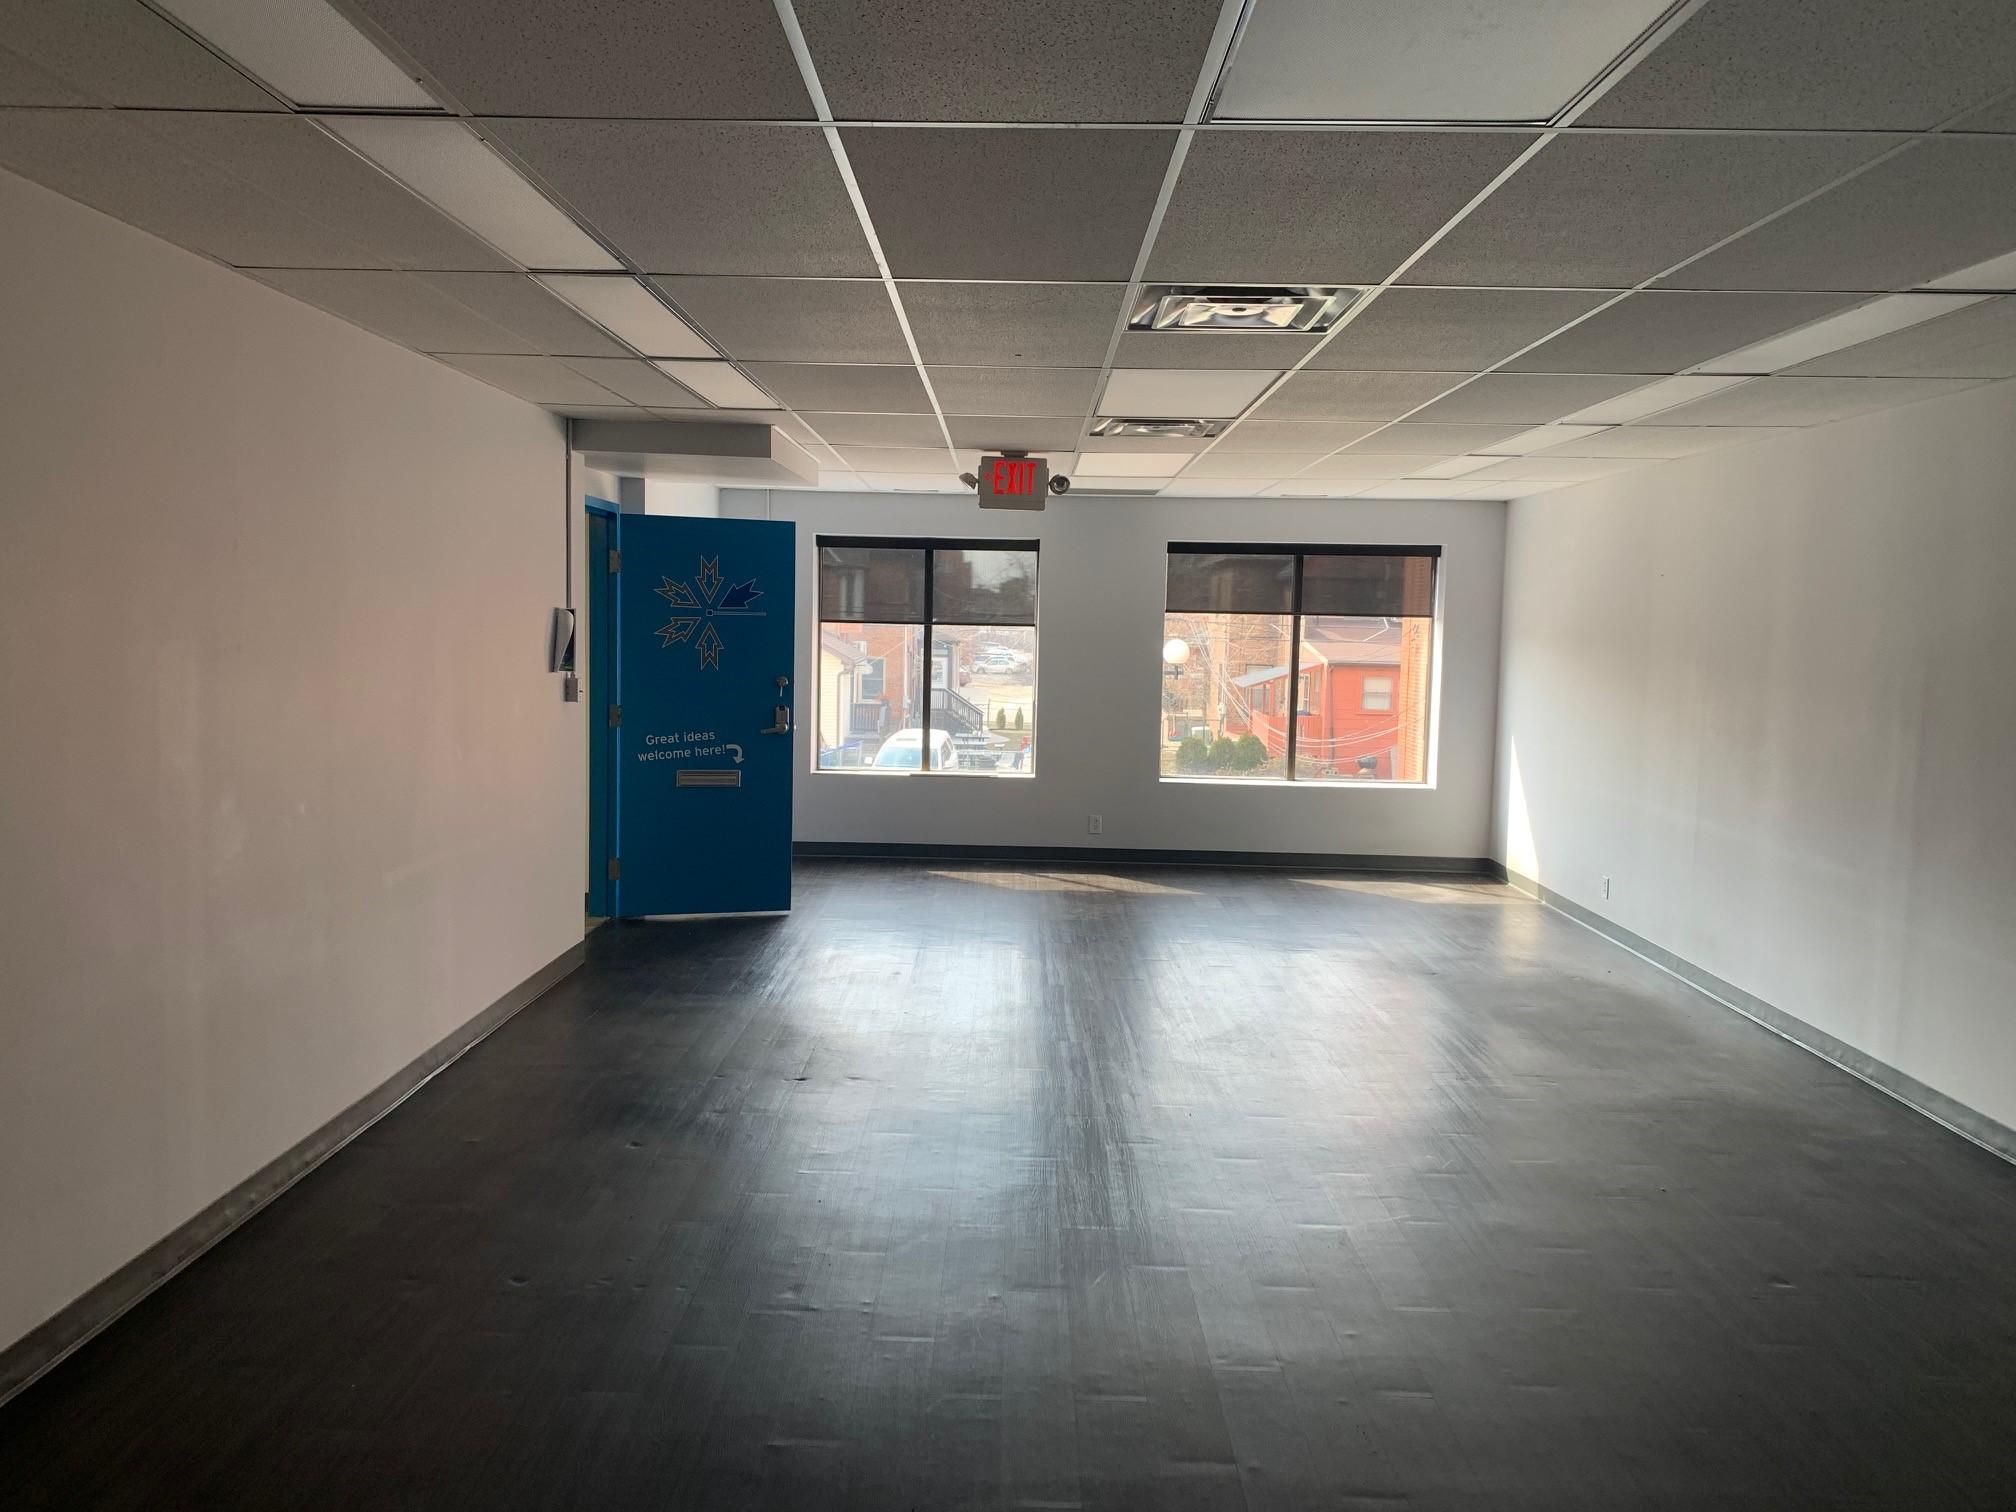 Unit 200 Open Area